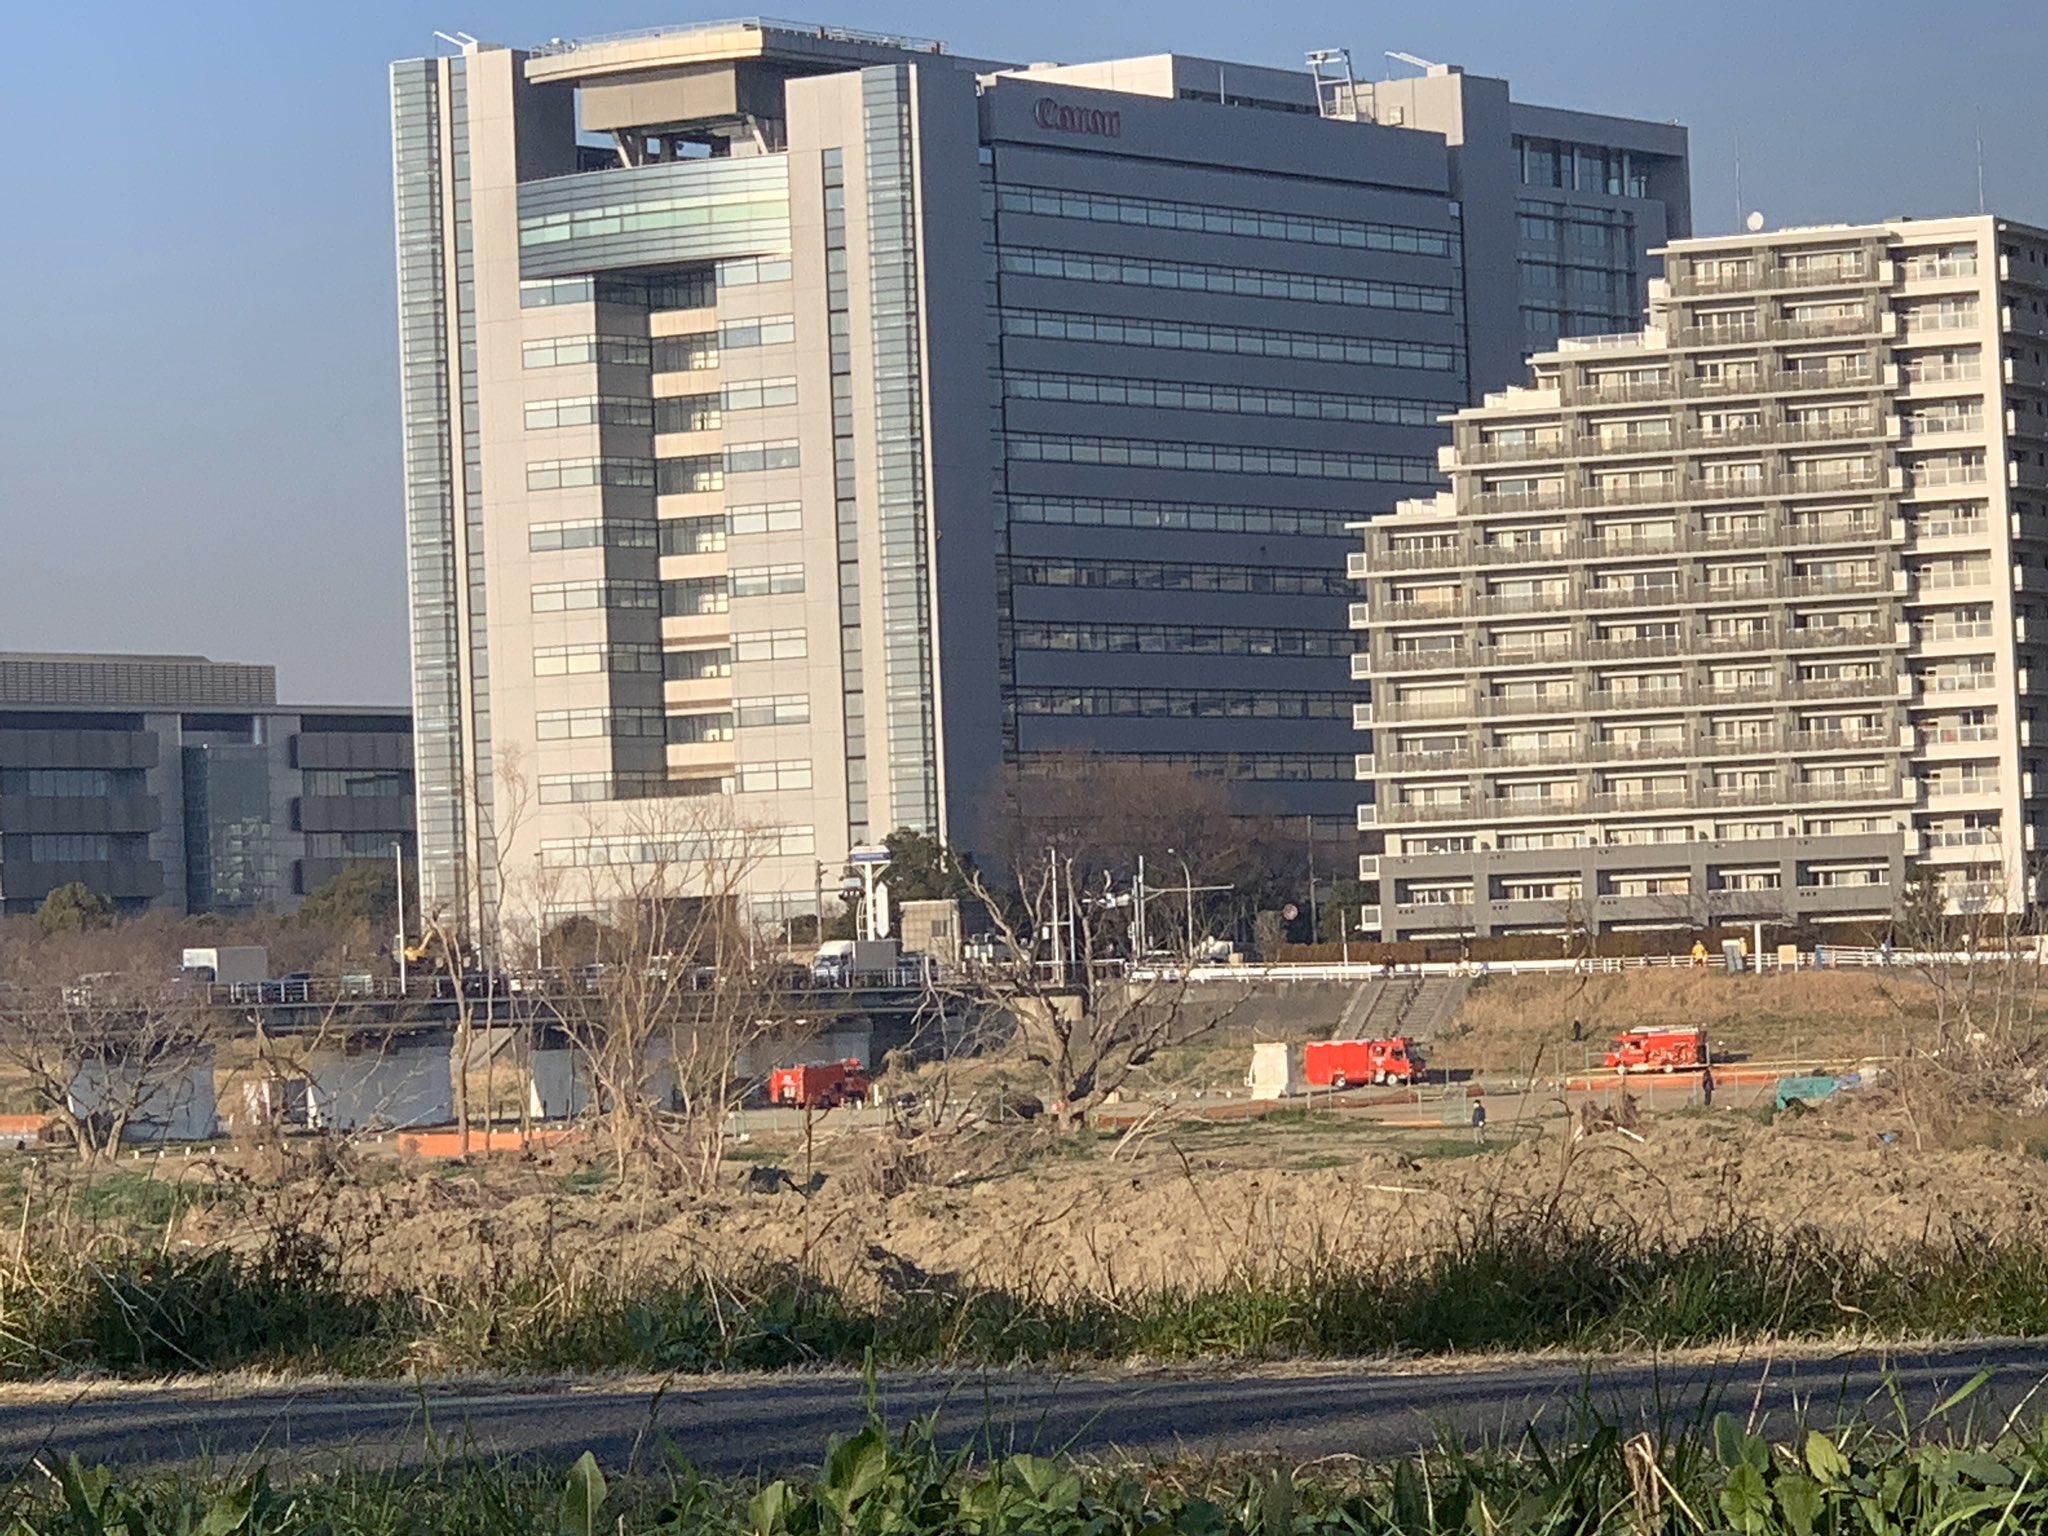 大田区のガス橋に緊急車両が集結している画像